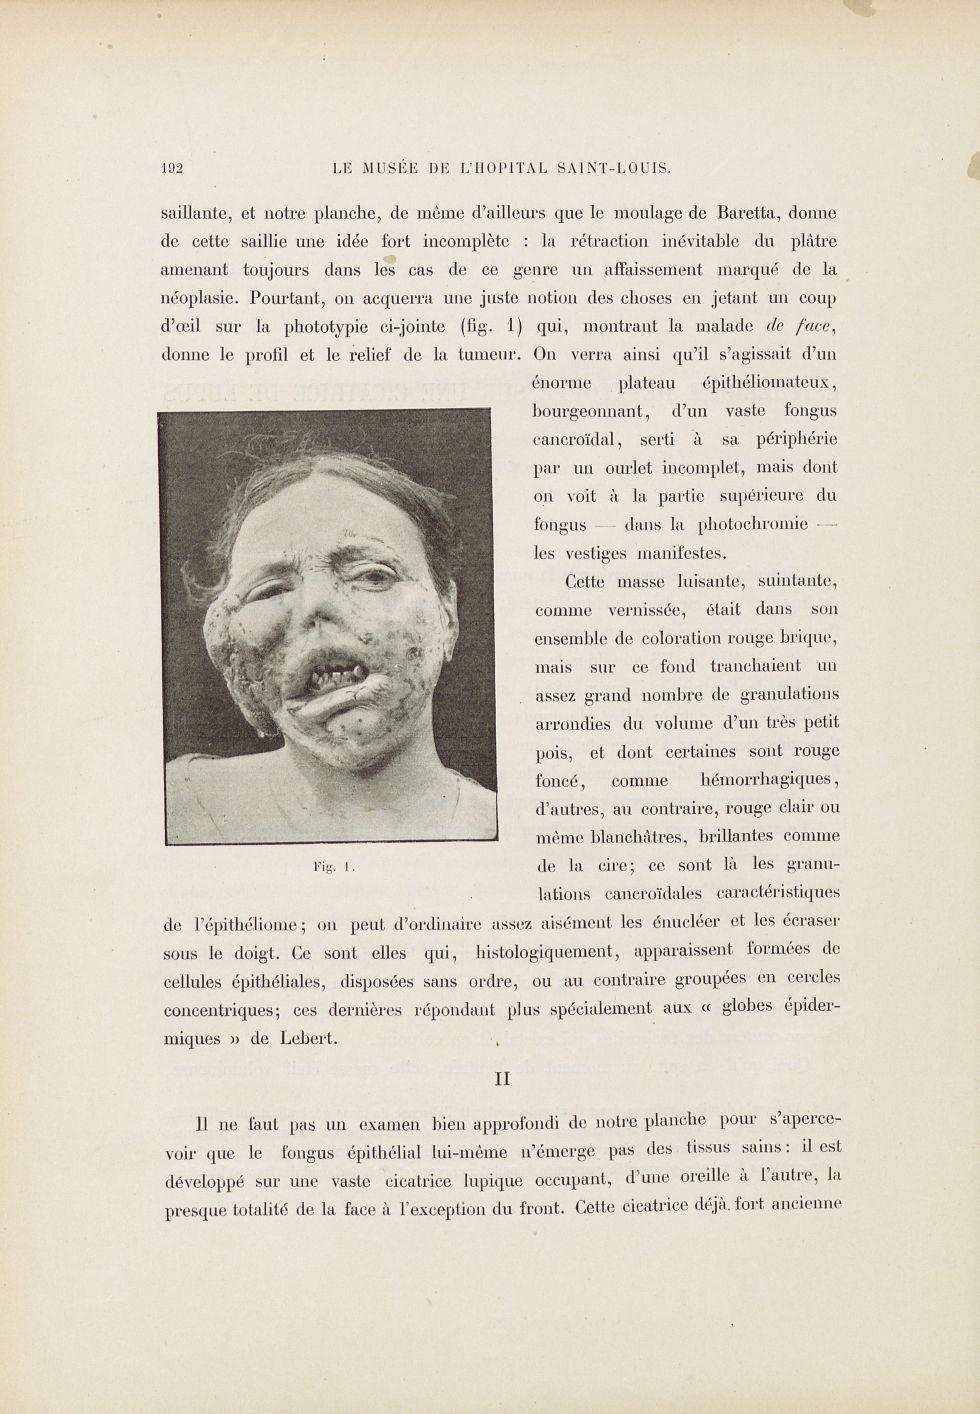 Fig. 1. Énorme épithéliome occupant la partie préauriculaire droite - Le musée de l'hôpital Saint-Lo [...] - Dermatologie (peau). Visages (têtes). 19e siècle (France) - med01740x0228